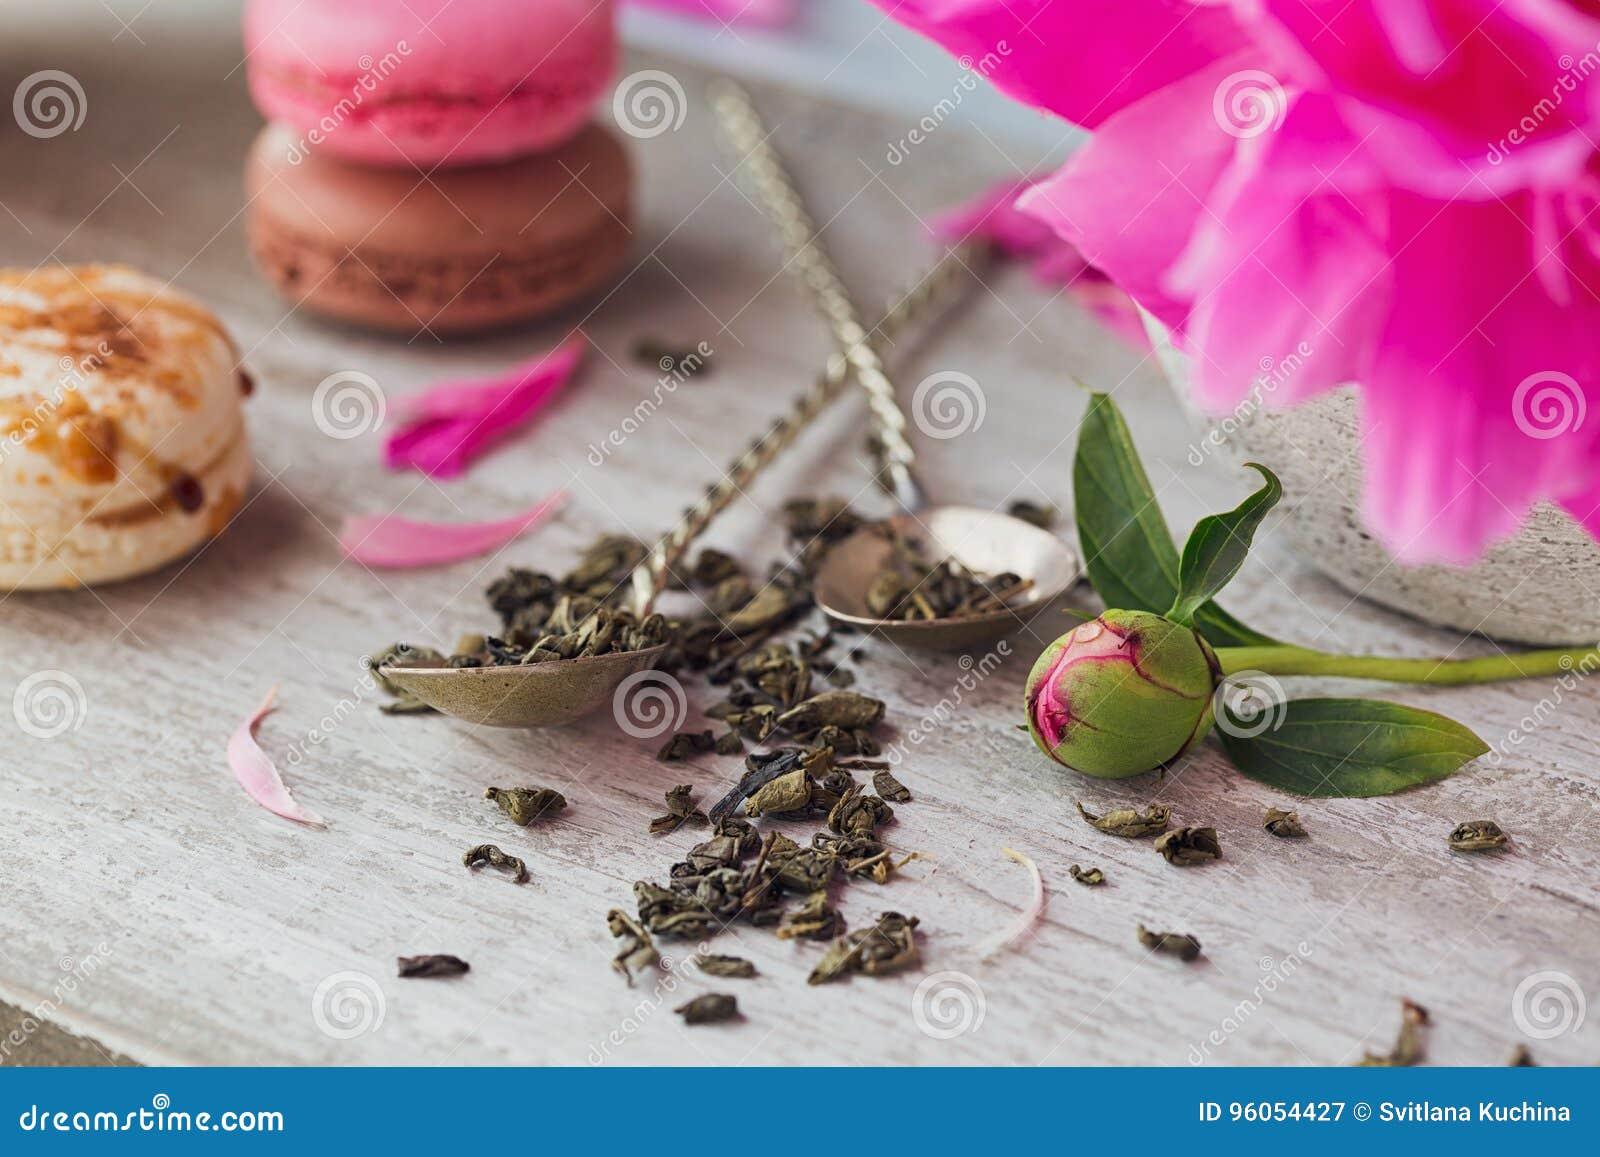 La vie toujours avec des fleurs roses de pivoine et une tasse de fines herbes ou de vert